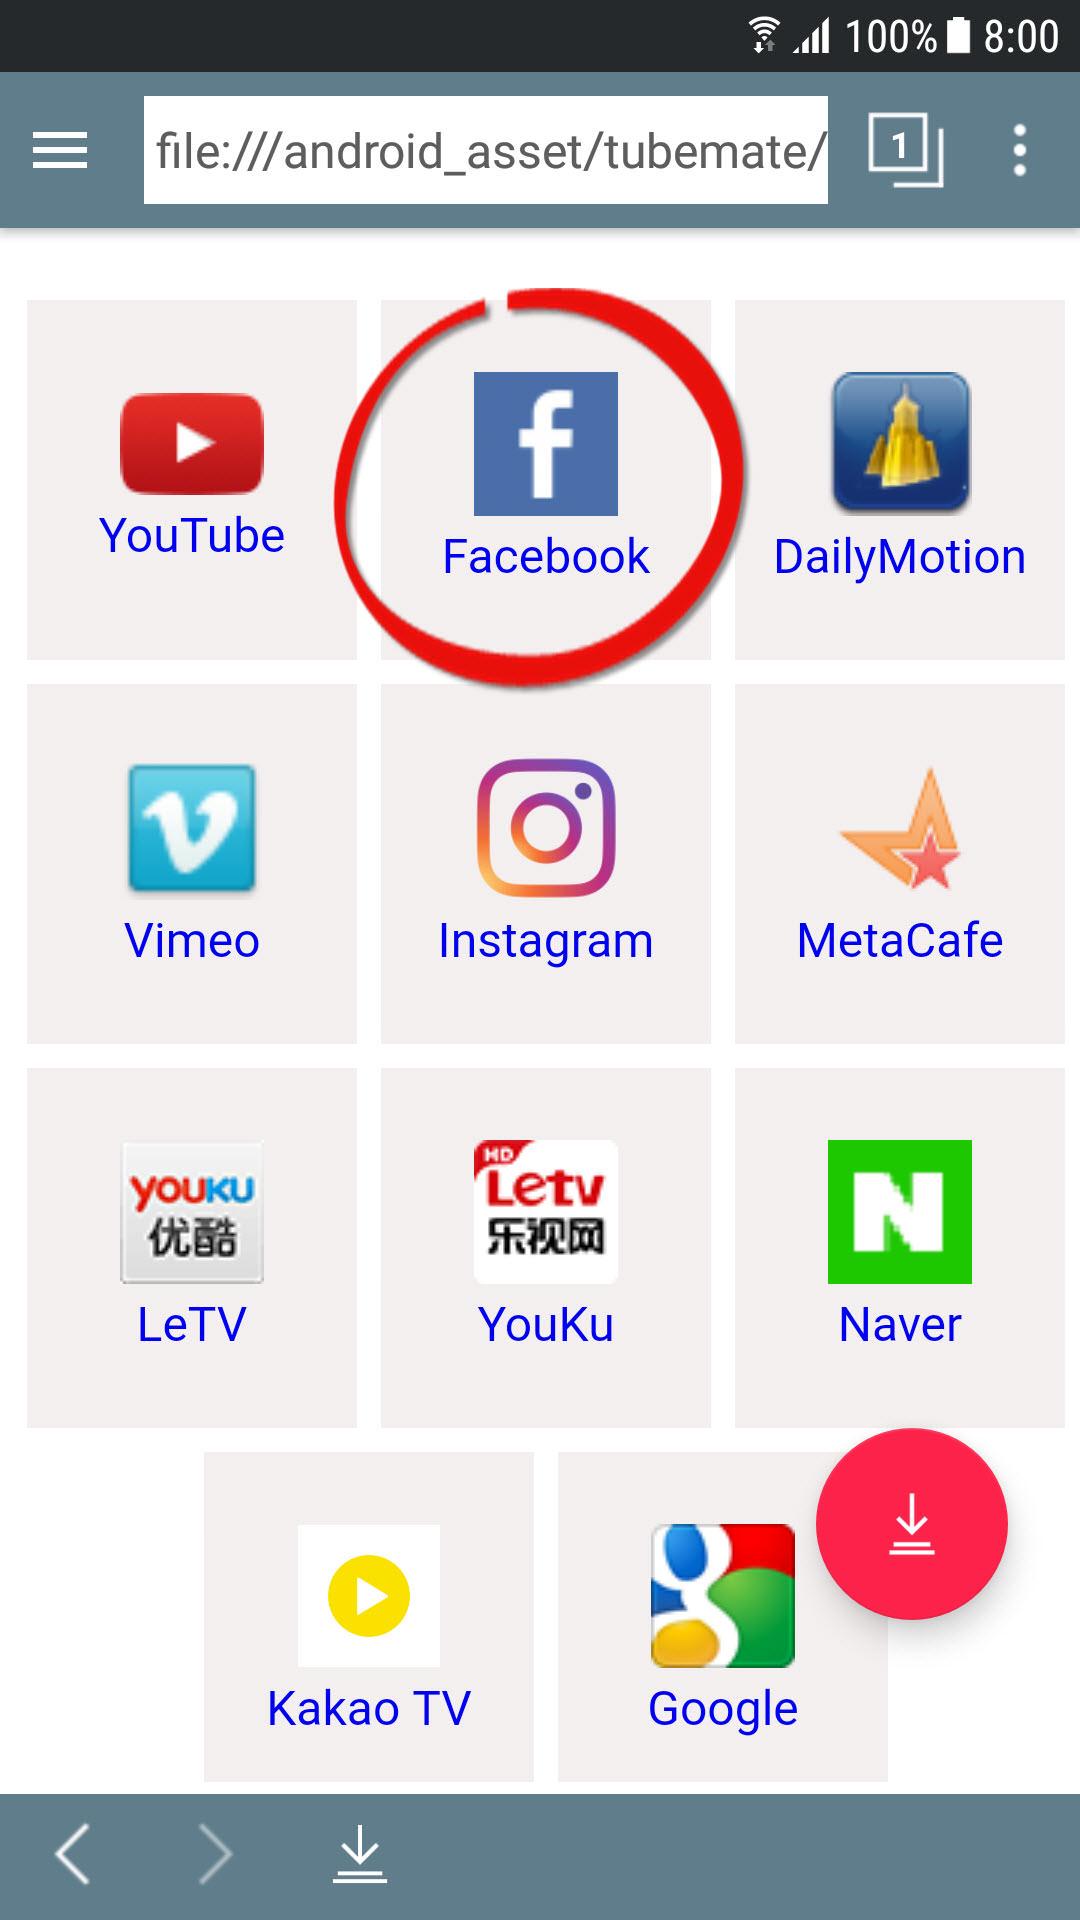 como bajar videos de youtube a mi celular sin aplicaciones